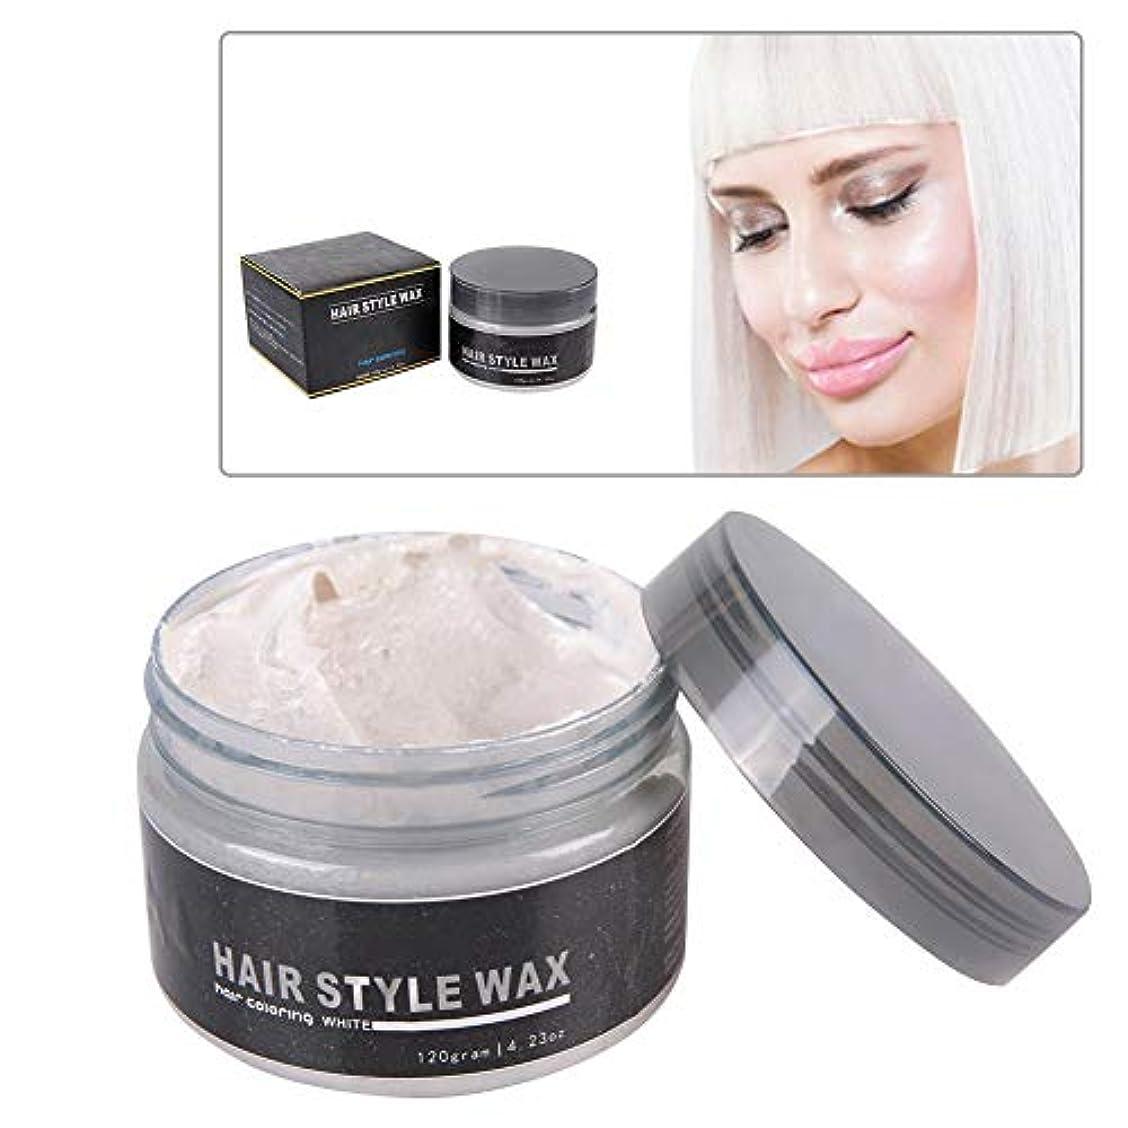 平和アンビエント限り使い捨ての新しいヘアカラーワックス、染毛剤の着色泥のヘアスタイルモデリングクリーム120グラム(ホワイト)